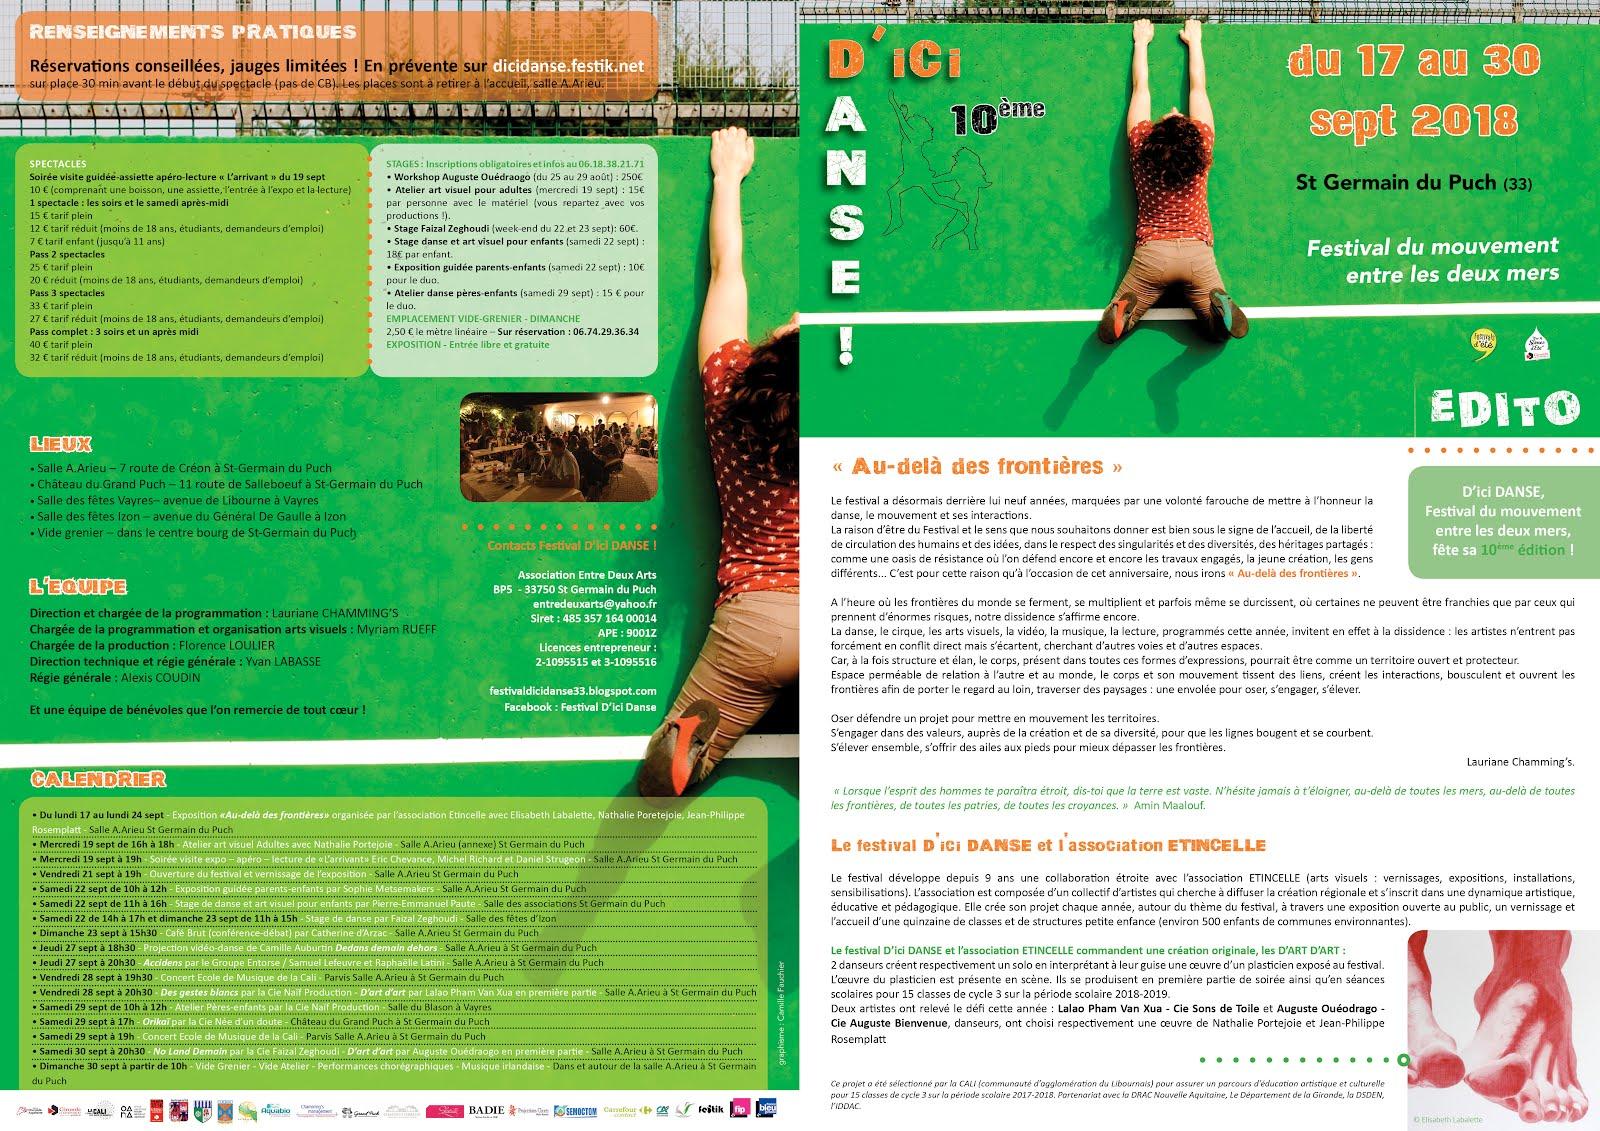 Programme-1